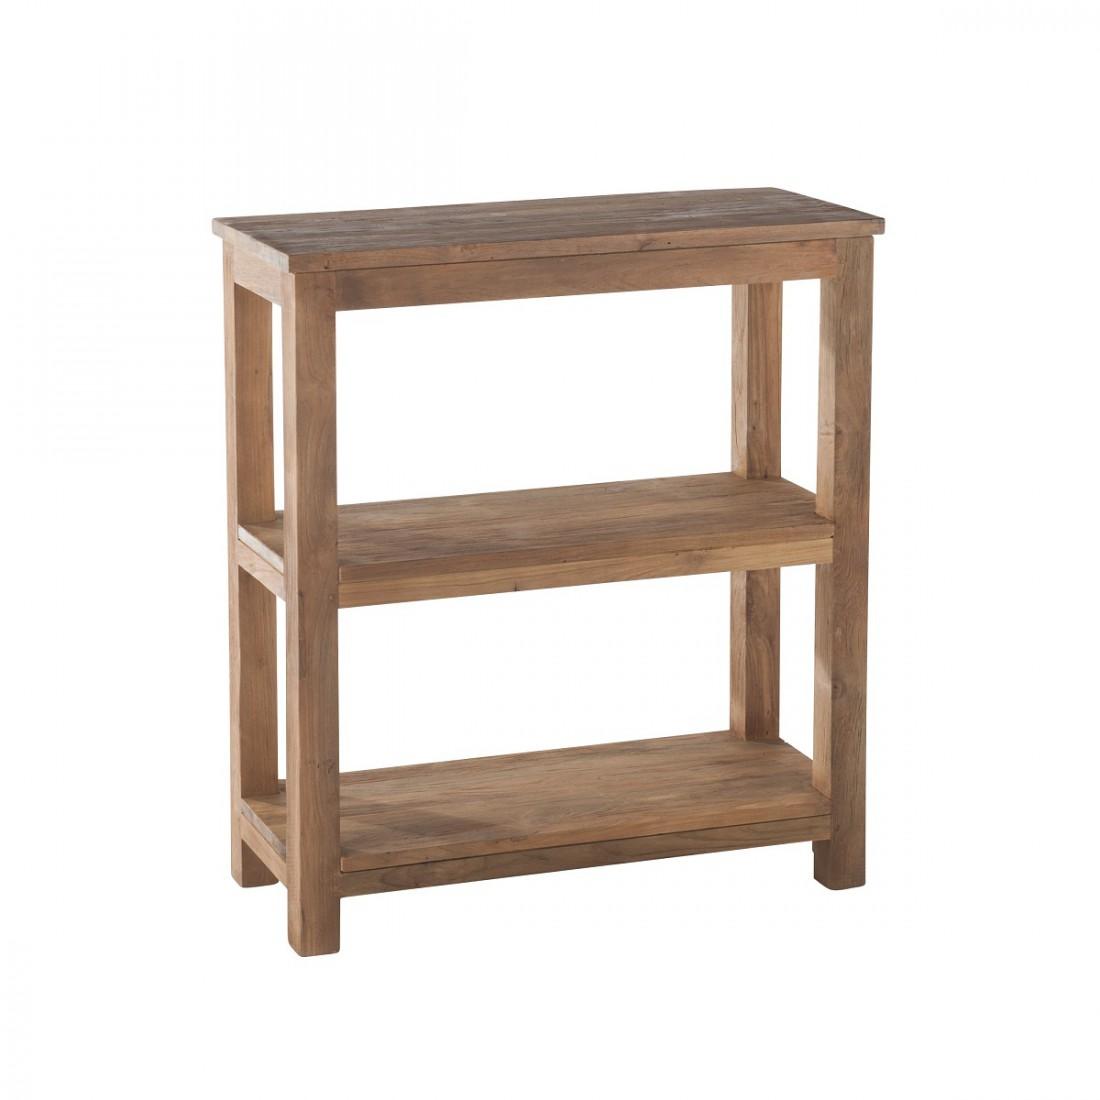 Tremendous 3 Levels Teak Shelf Drift Inzonedesignstudio Interior Chair Design Inzonedesignstudiocom